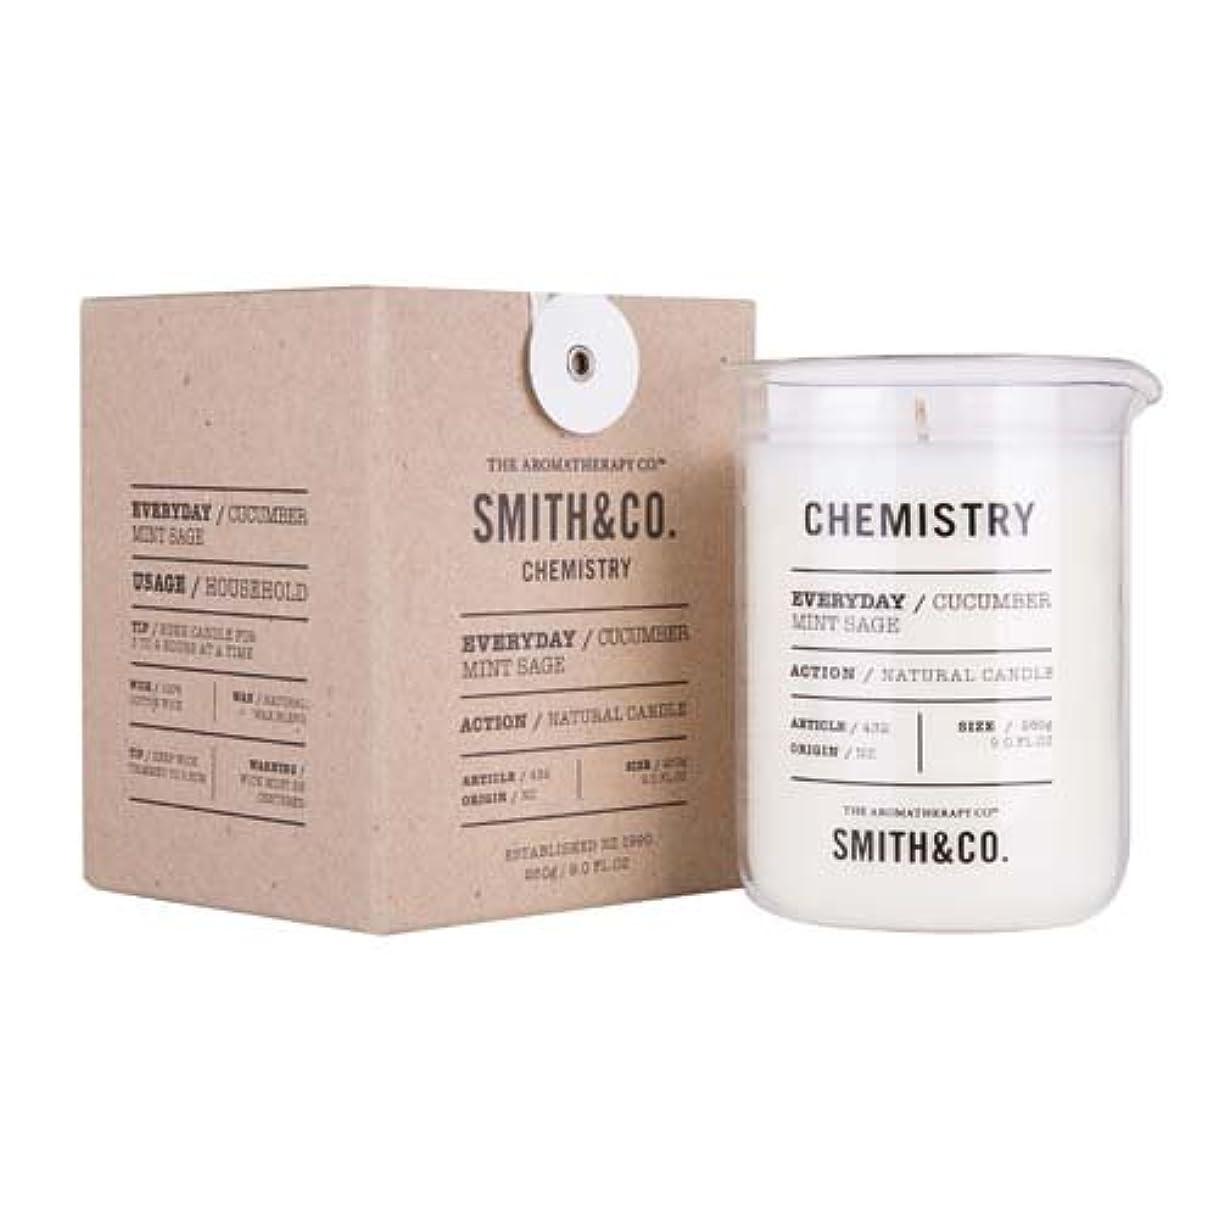 ラッチレキシコン中絶Smith&Co. Chemistry Candle ケミストリーキャンドル Cucumber Mint Sage